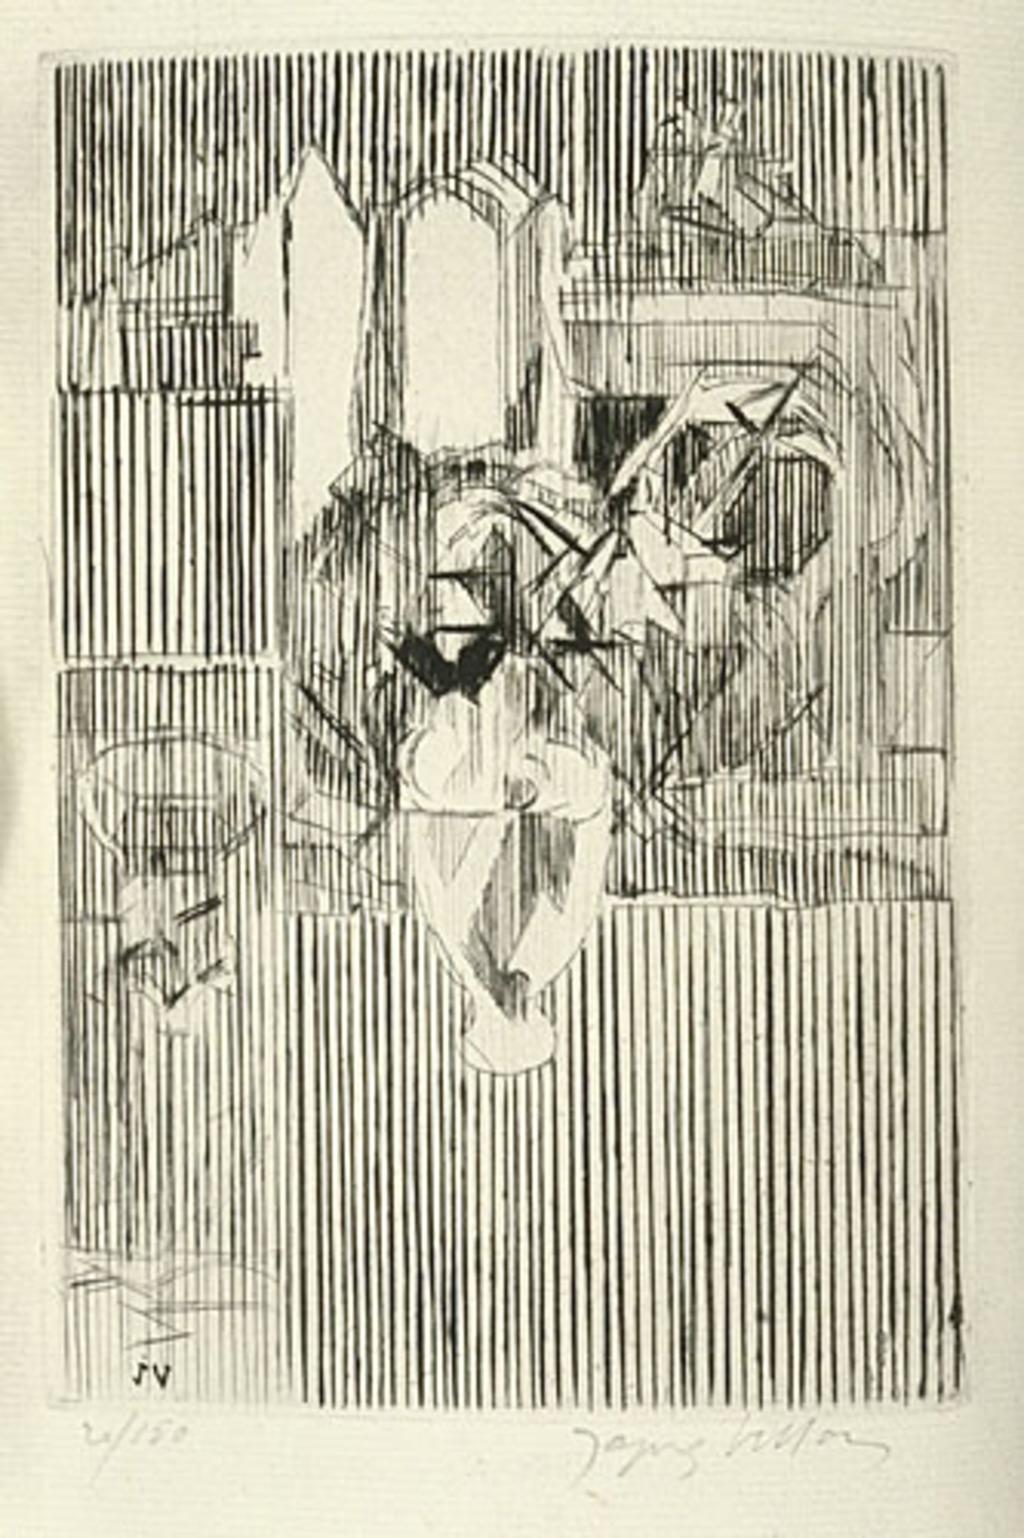 Jacques Villon. Catalogue de son oeuvre gravé